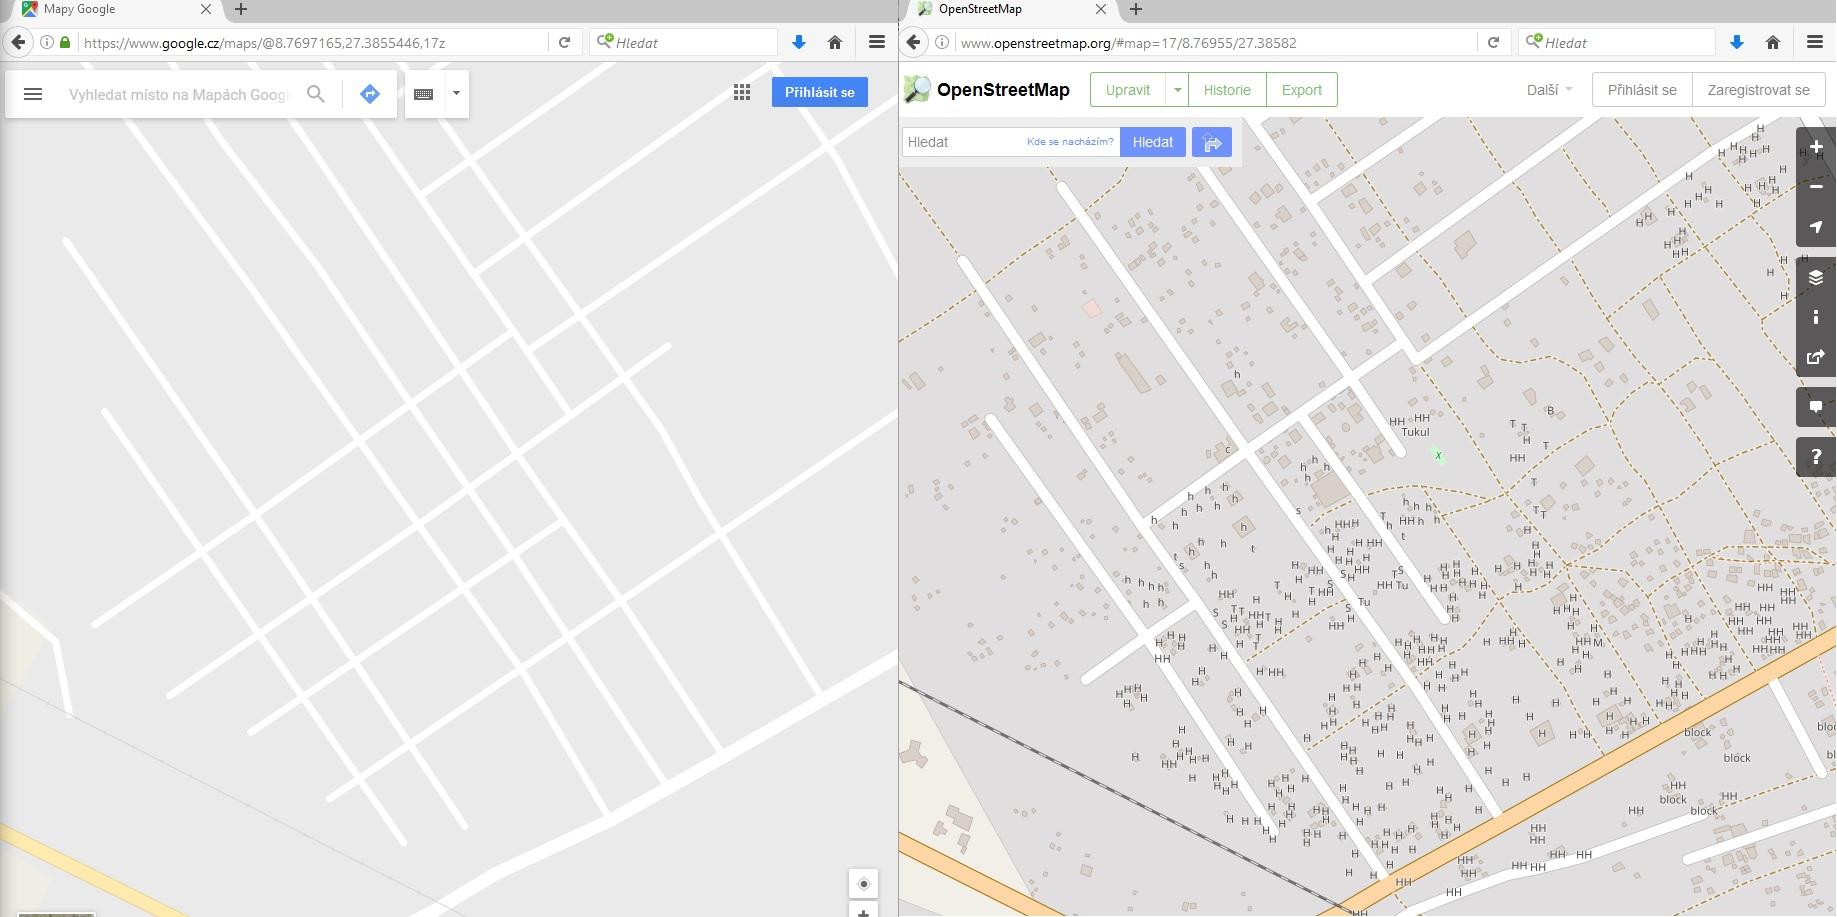 srovnání Open Street Map a Google Maps